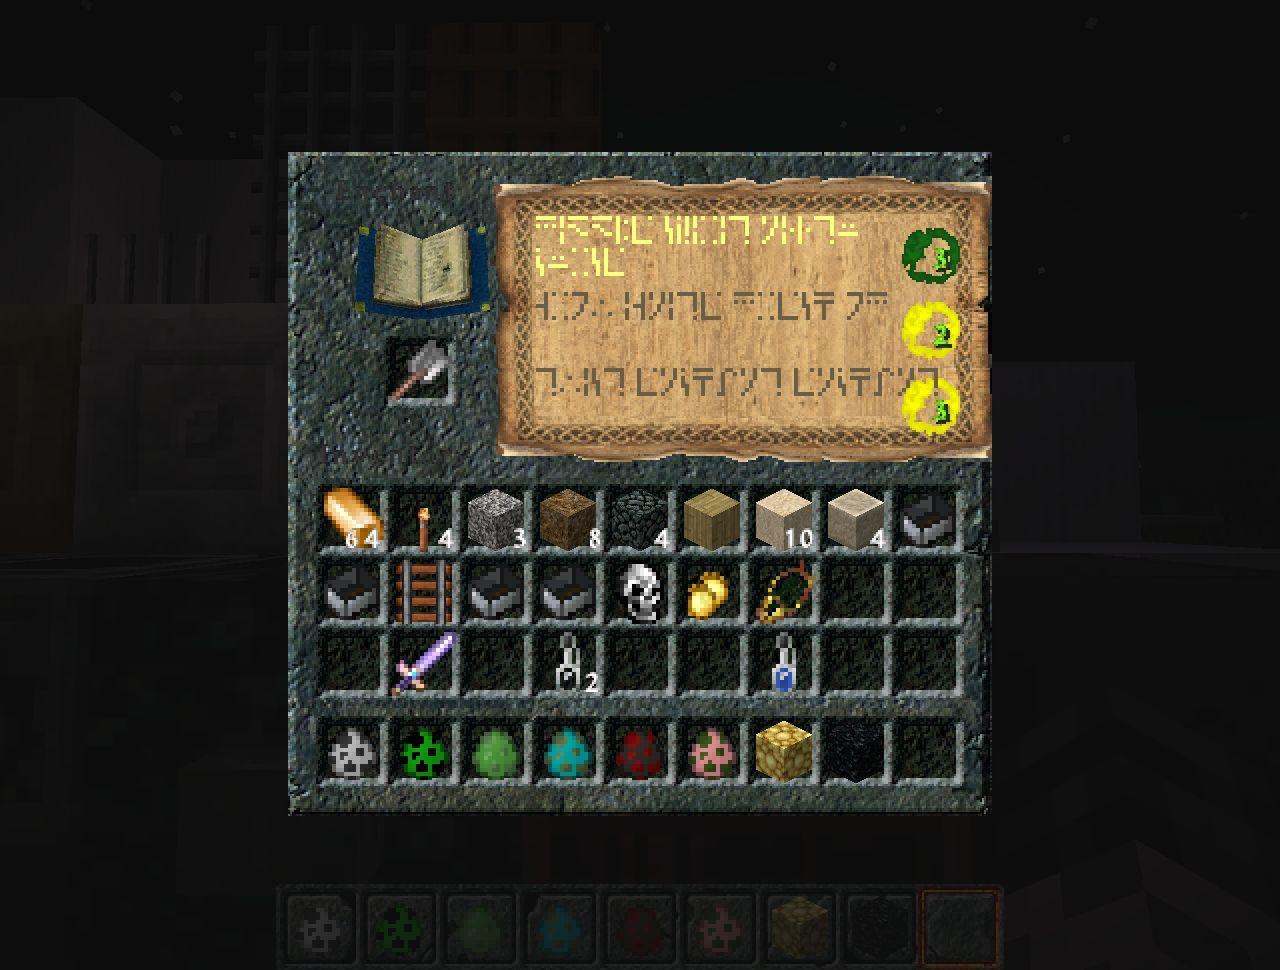 http://minecraft-forum.net/wp-content/uploads/2013/09/d5e0c__Baldurs-craft-pack-6.jpg